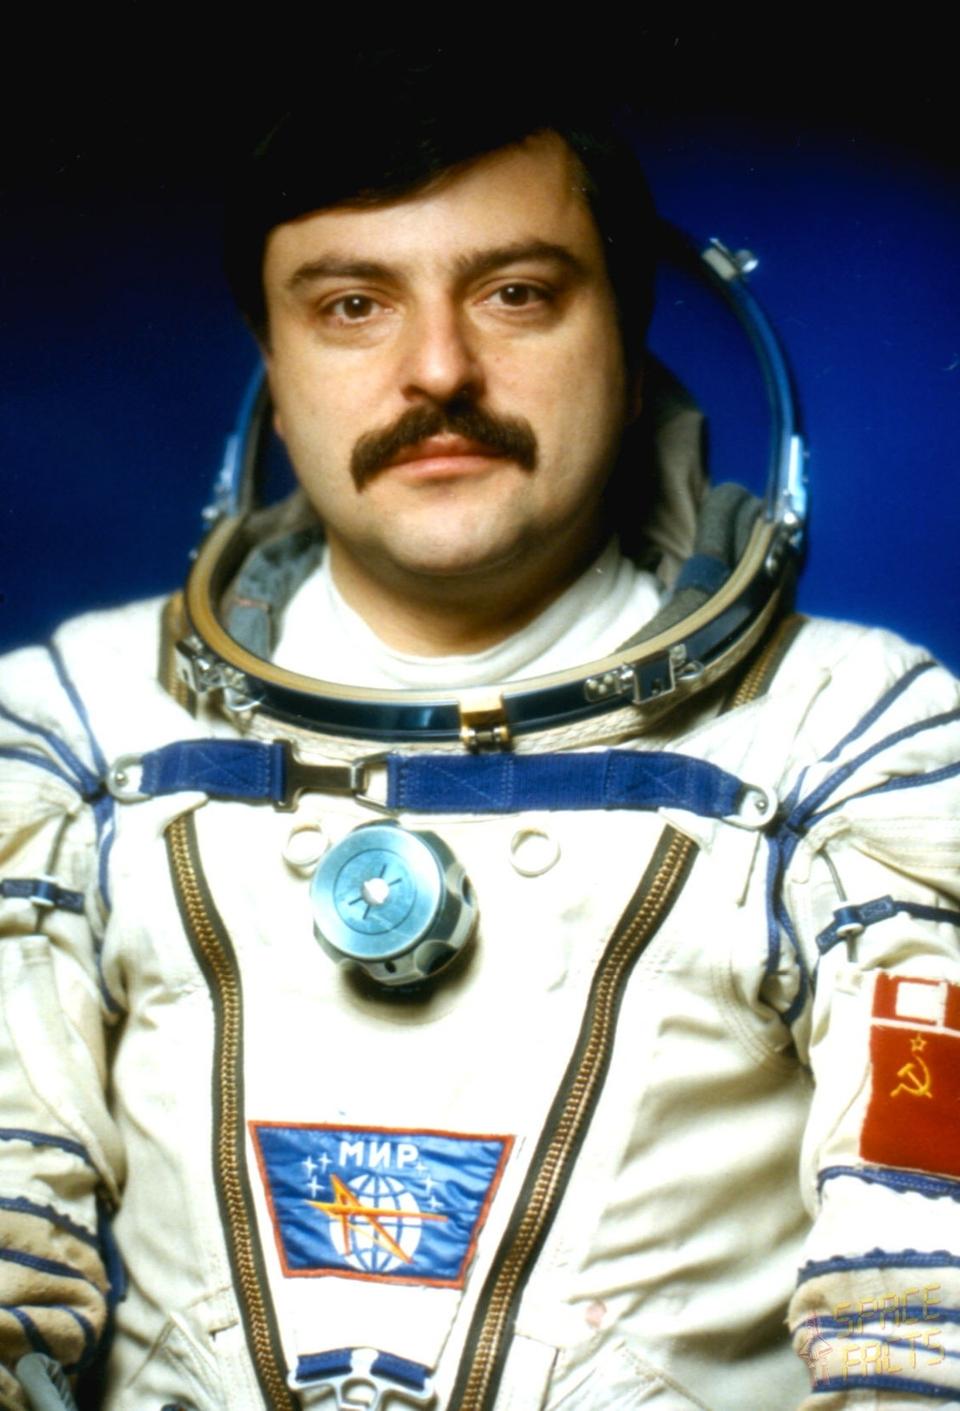 Inside the Cosmonaut Survival Kit—The Appendix